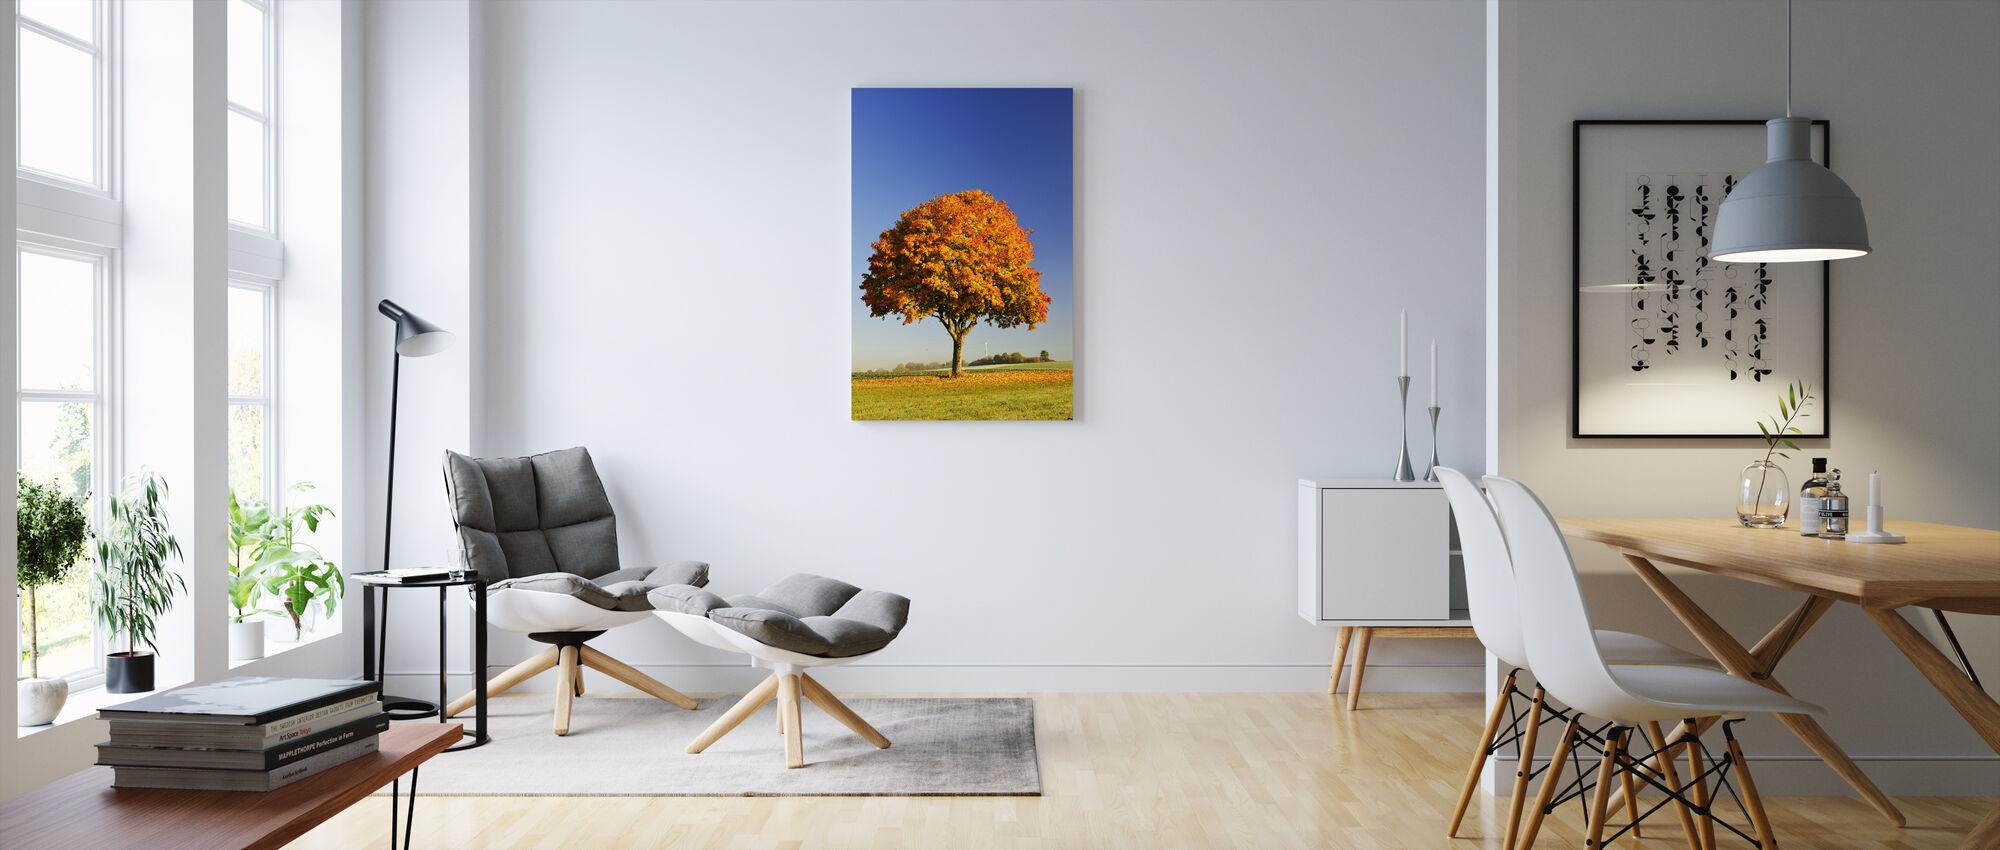 Majesteettinen vaahtera puu - Canvastaulu - Olohuone